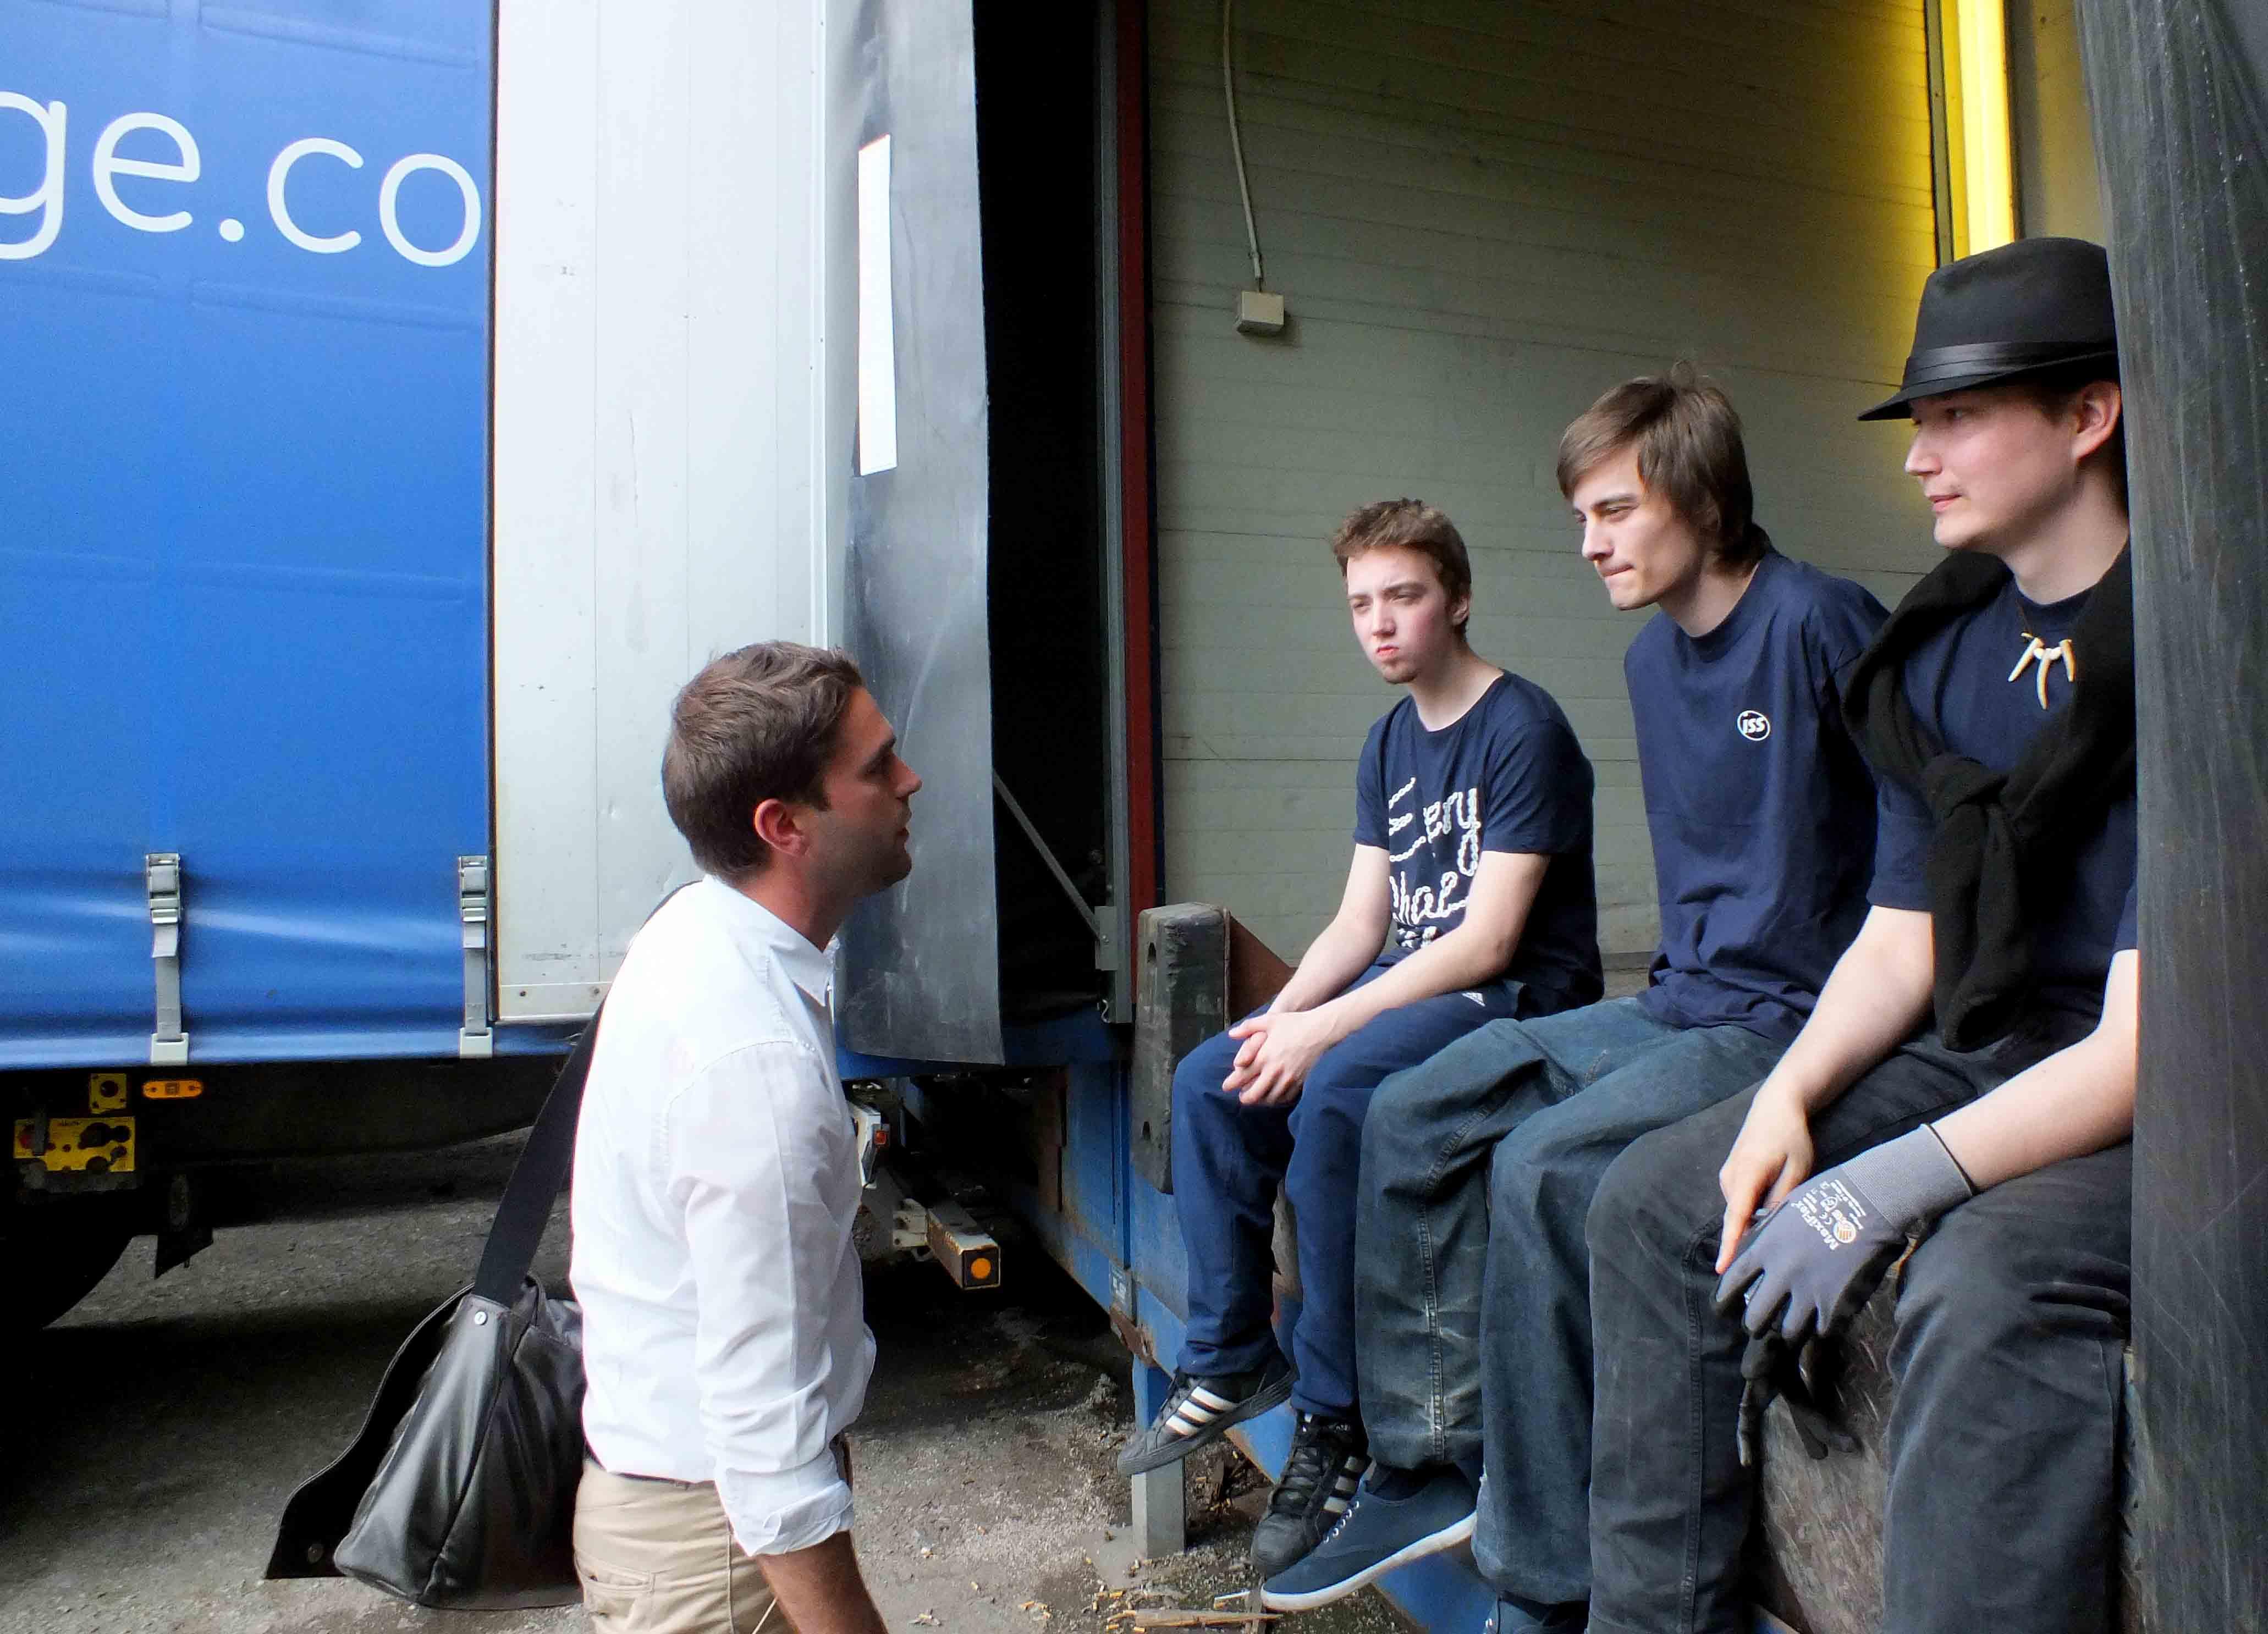 Jobbresan utvidgas - nu ska 150 arbetslösa ungdomar få en chans i Norge